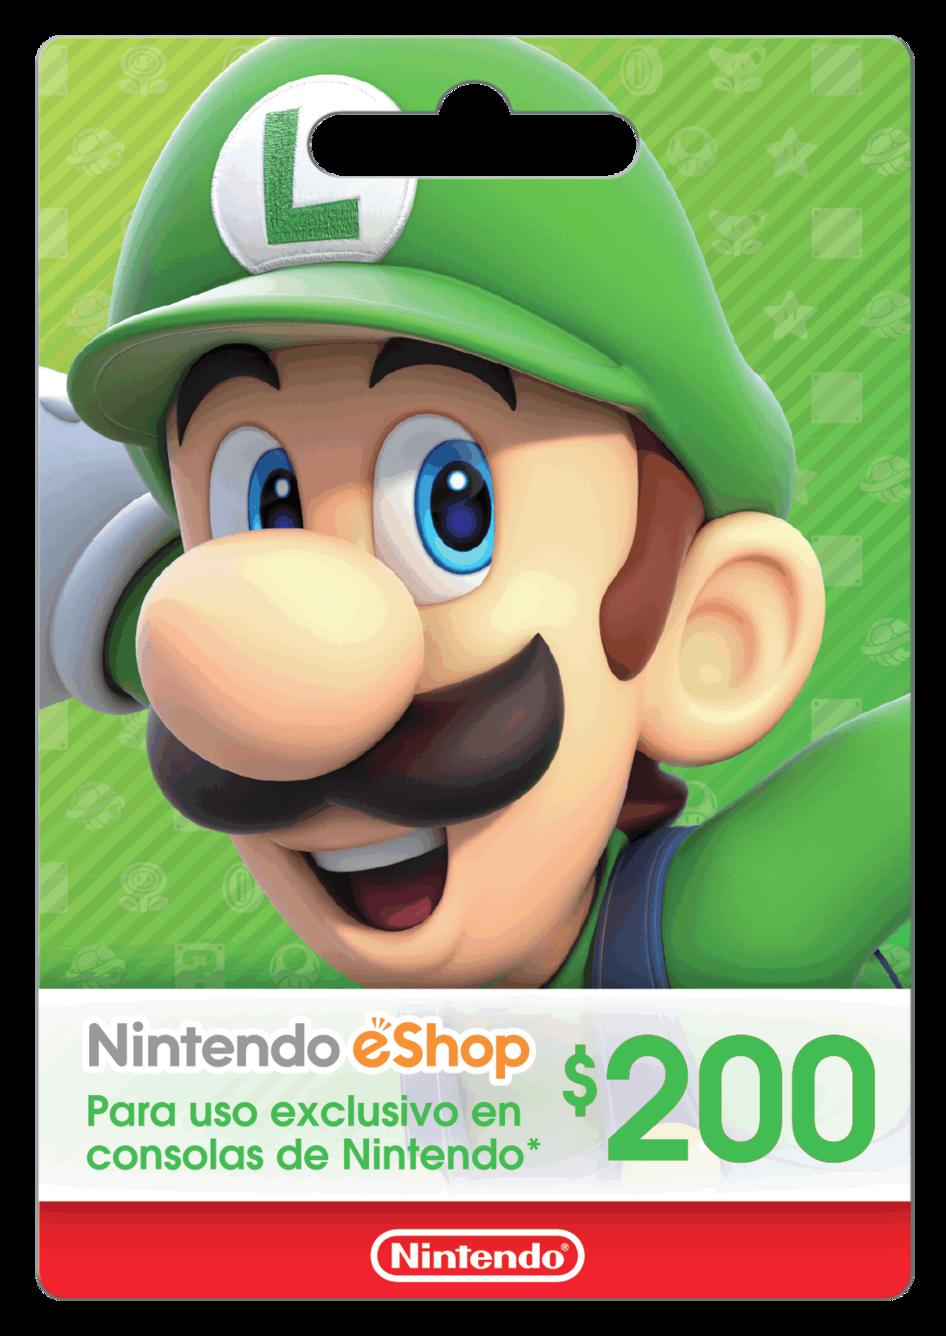 Saldo digital Nintendo eShop $200 MXN